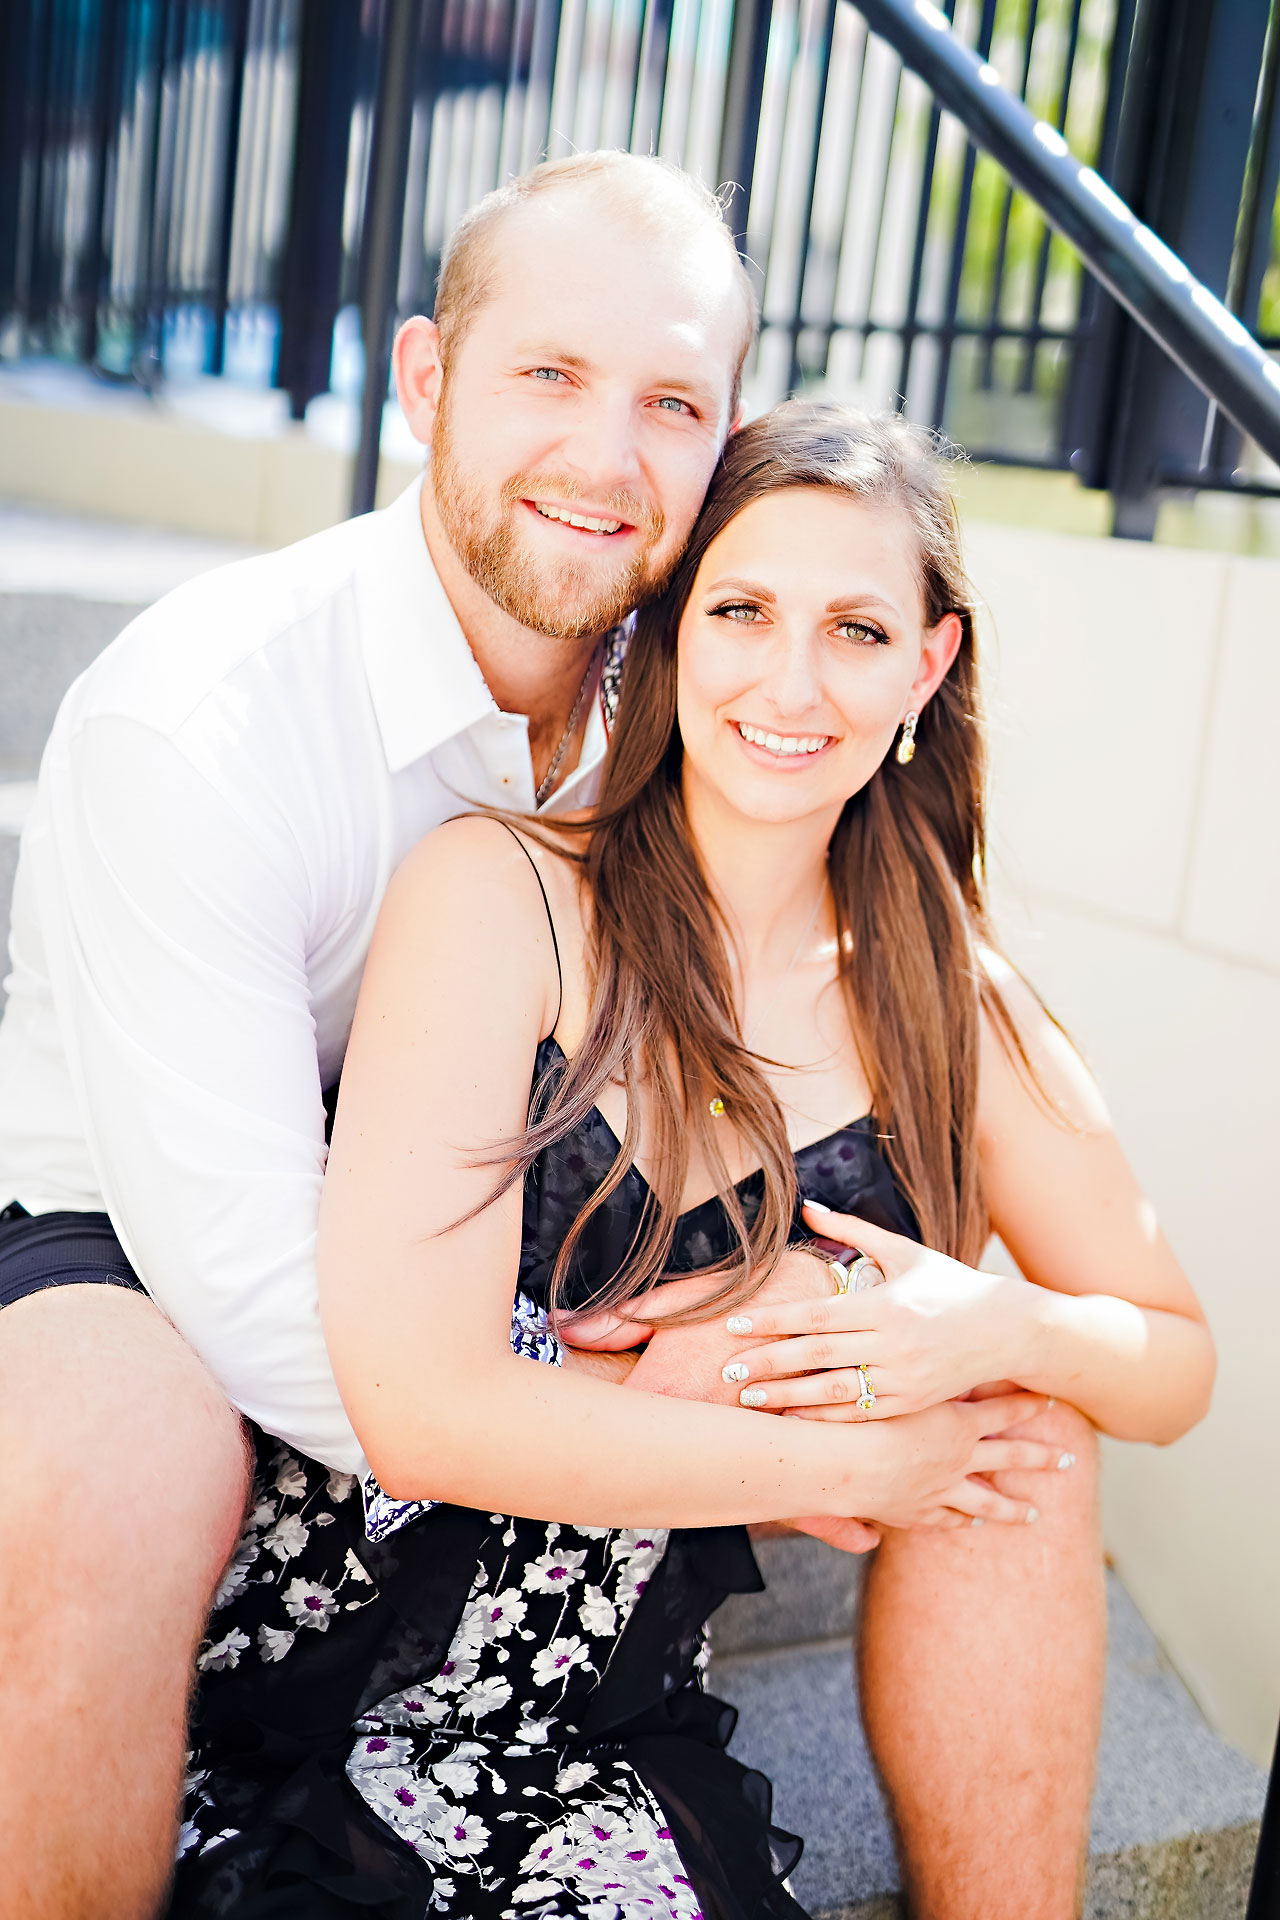 Allison Ben Bottleworks Indianapolis Engagement Session 042